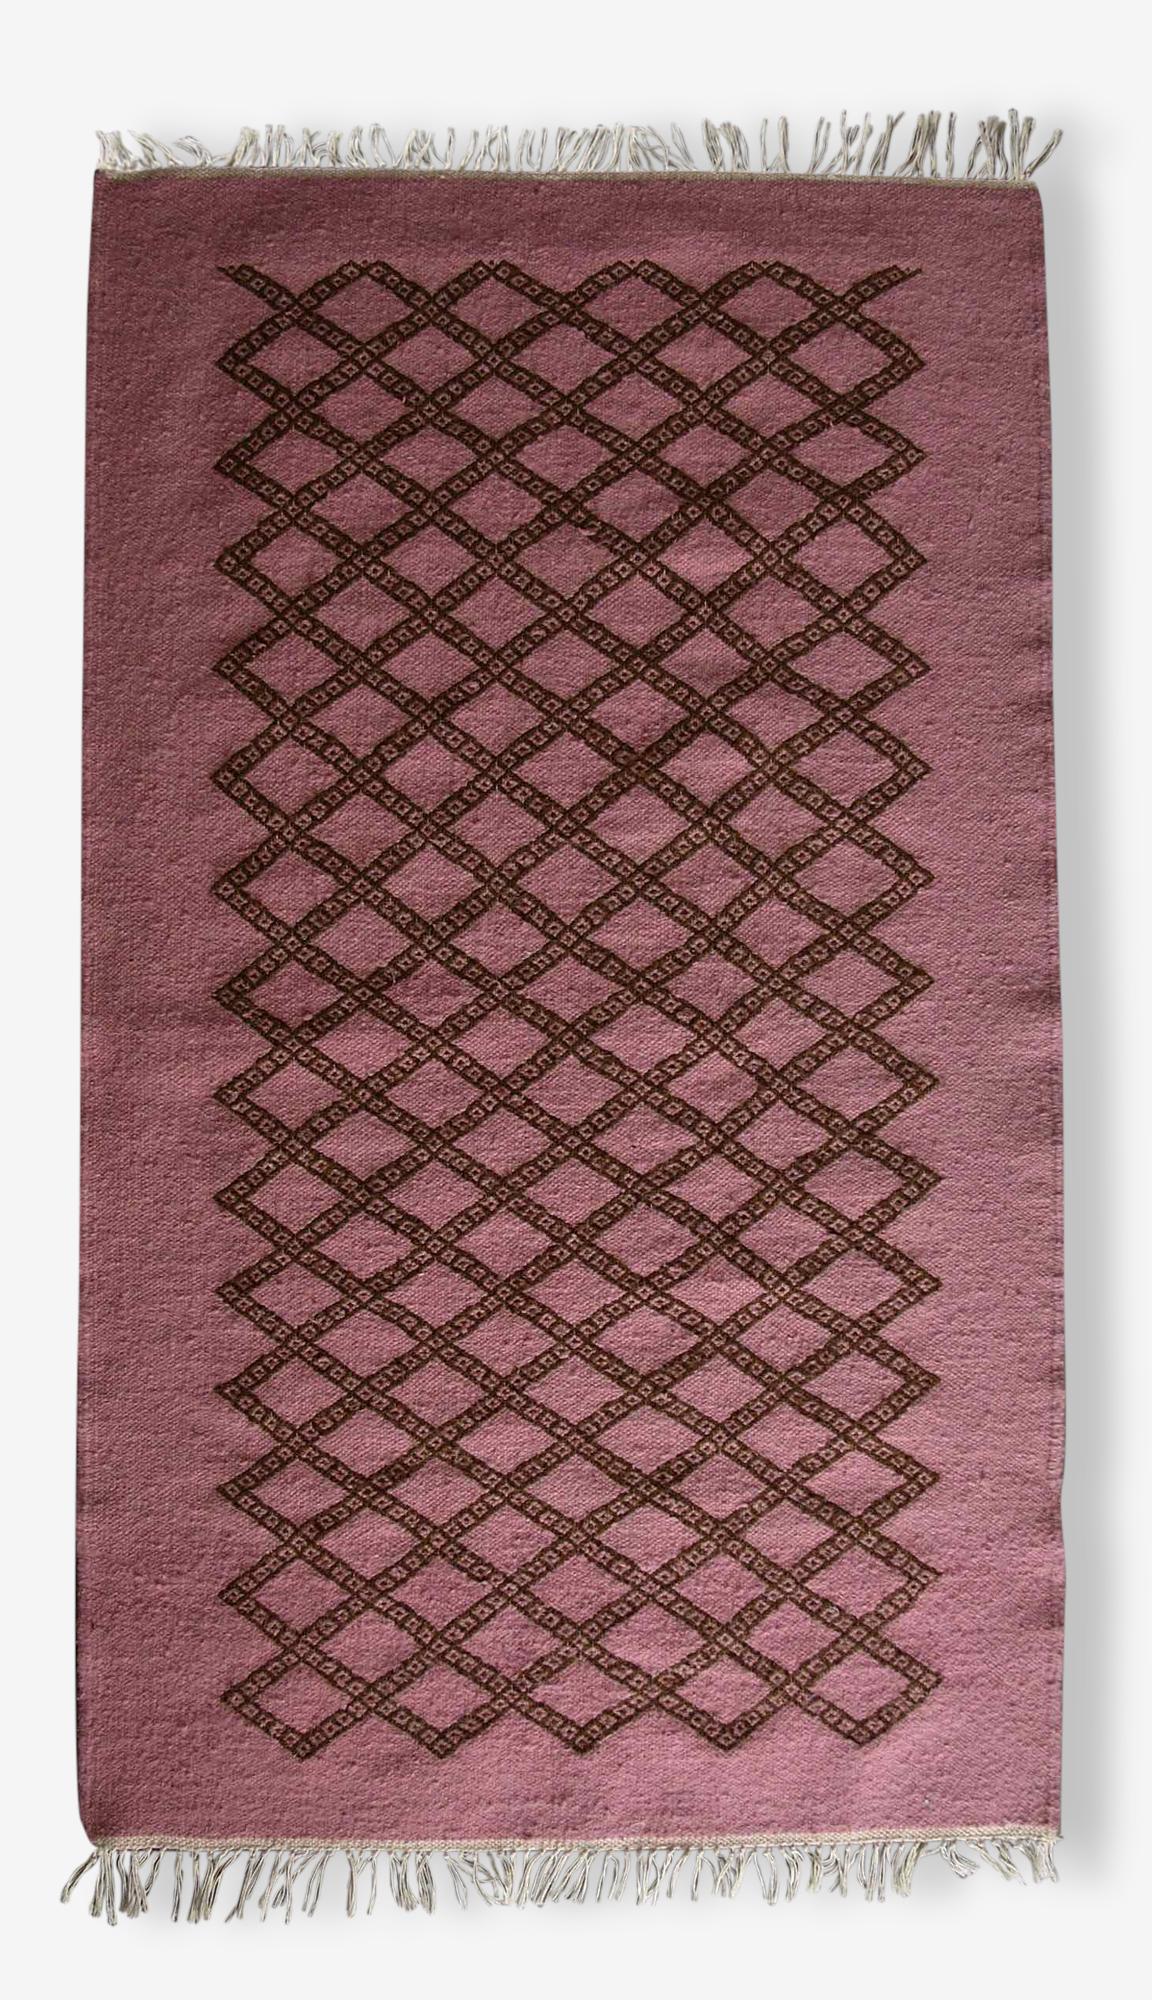 Tapis kilim berbère rose, 100x60